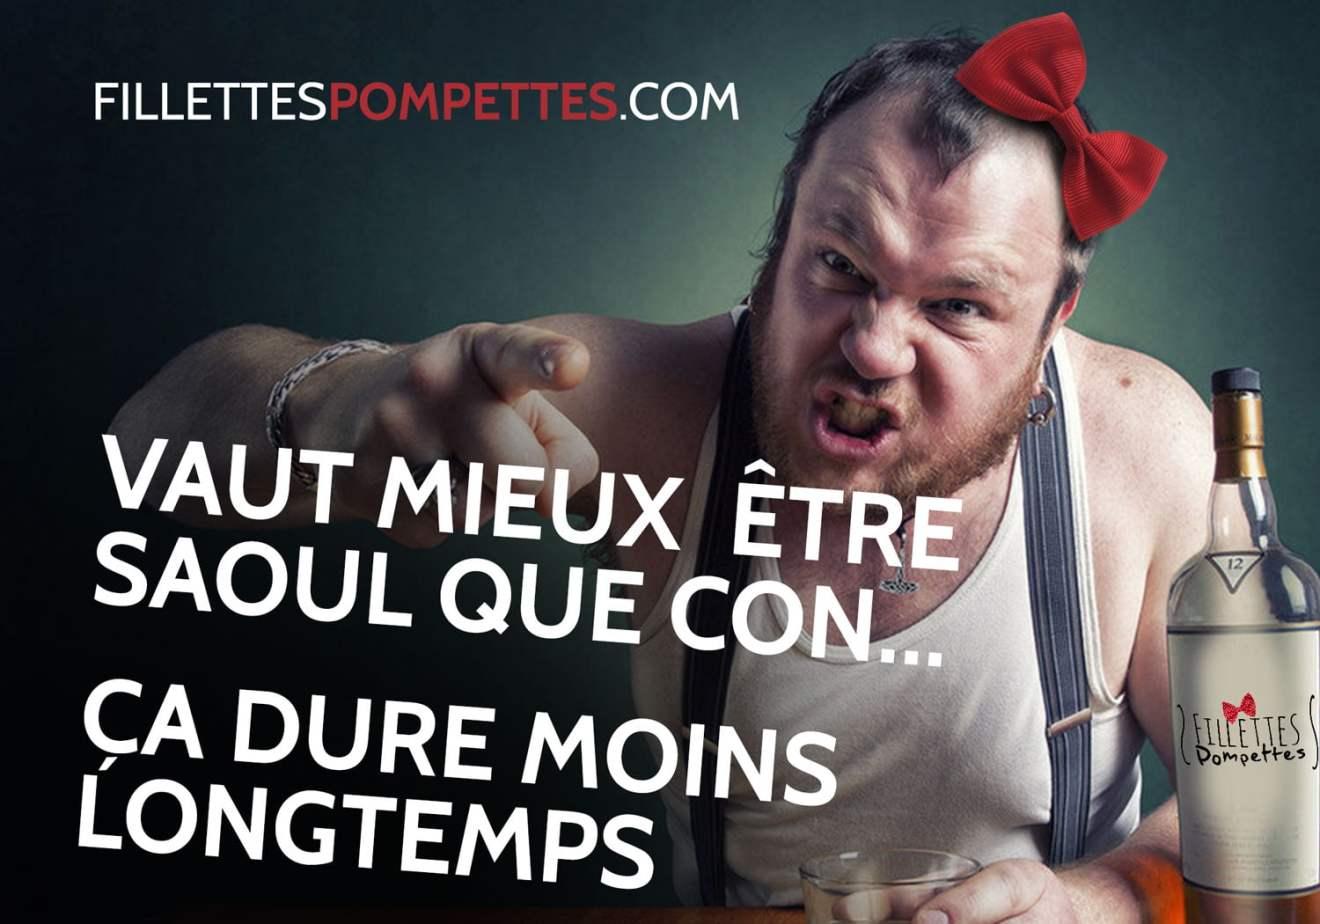 Fillettes_Pompettes_Con_Saoul